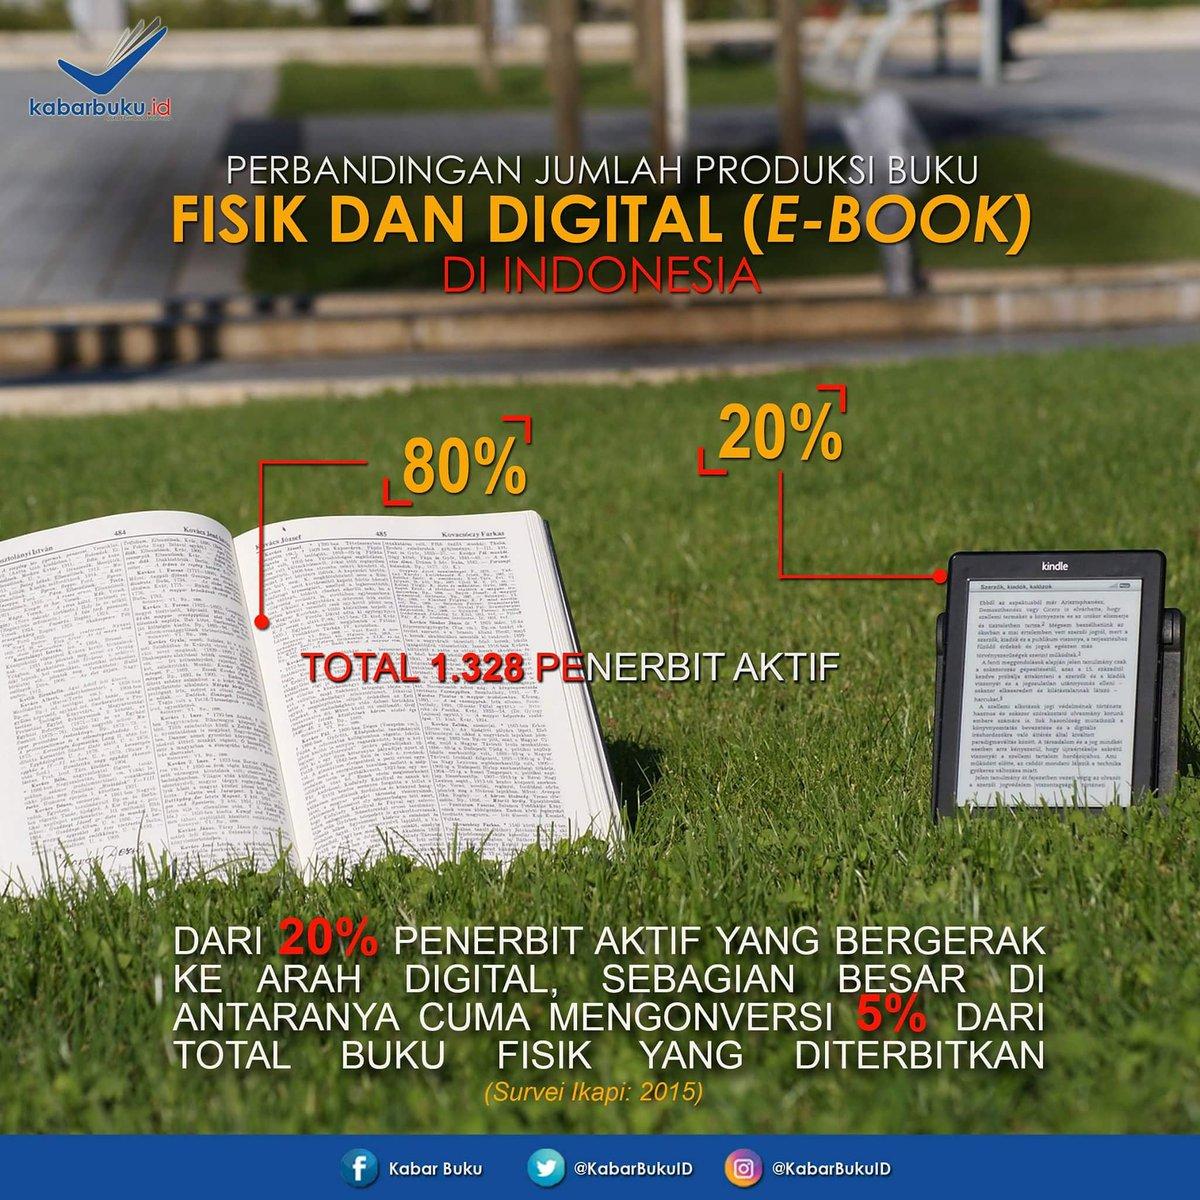 Perbandingan jumlah produksi buku fisik...